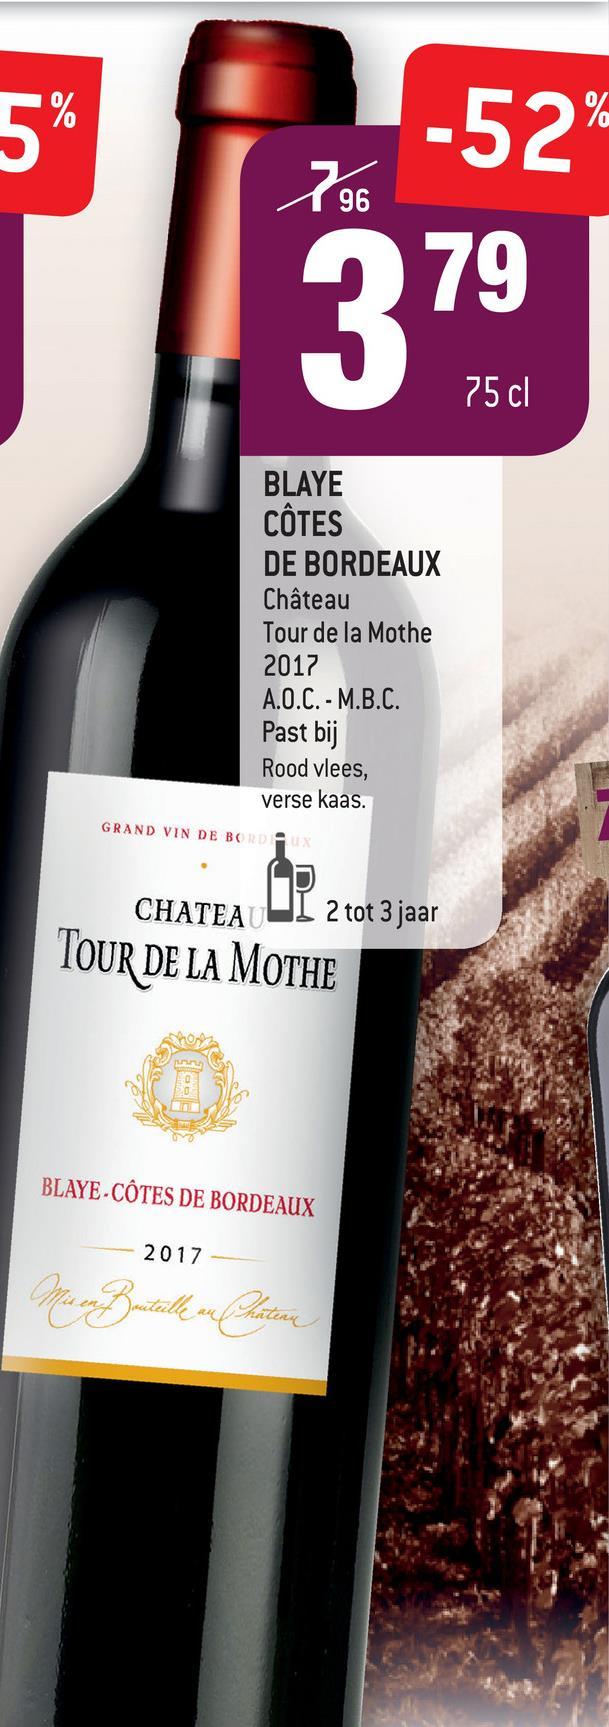 % -52% 796 75 cl BLAYE CÔTES DE BORDEAUX Château Tour de la Mothe 2017 A.O.C. - M.B.C. Past bij Rood vlees, verse kaas. GRAND VIN DE BORDEX CHATEAUL 2 tot 3 jaar TOUR DE LA MOTHE BLAYE-CÔTES DE BORDEAUX 2017